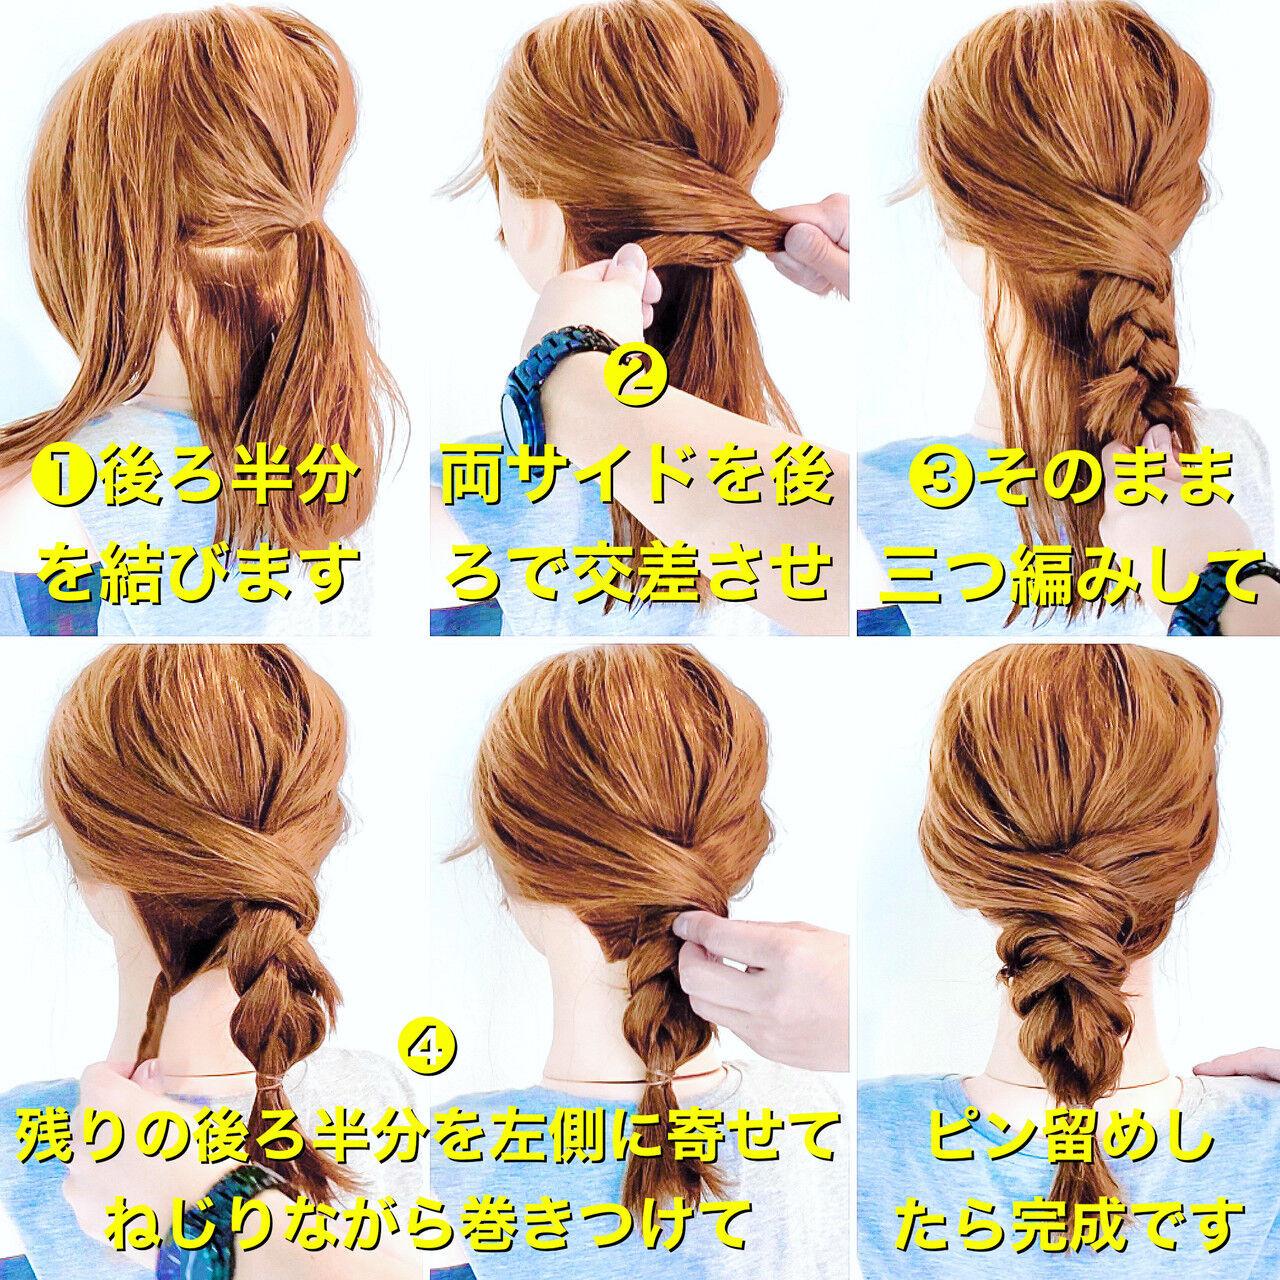 ヘアアレンジ セルフヘアアレンジ 編みおろしヘア ロング ヘアスタイルや髪型の写真・画像